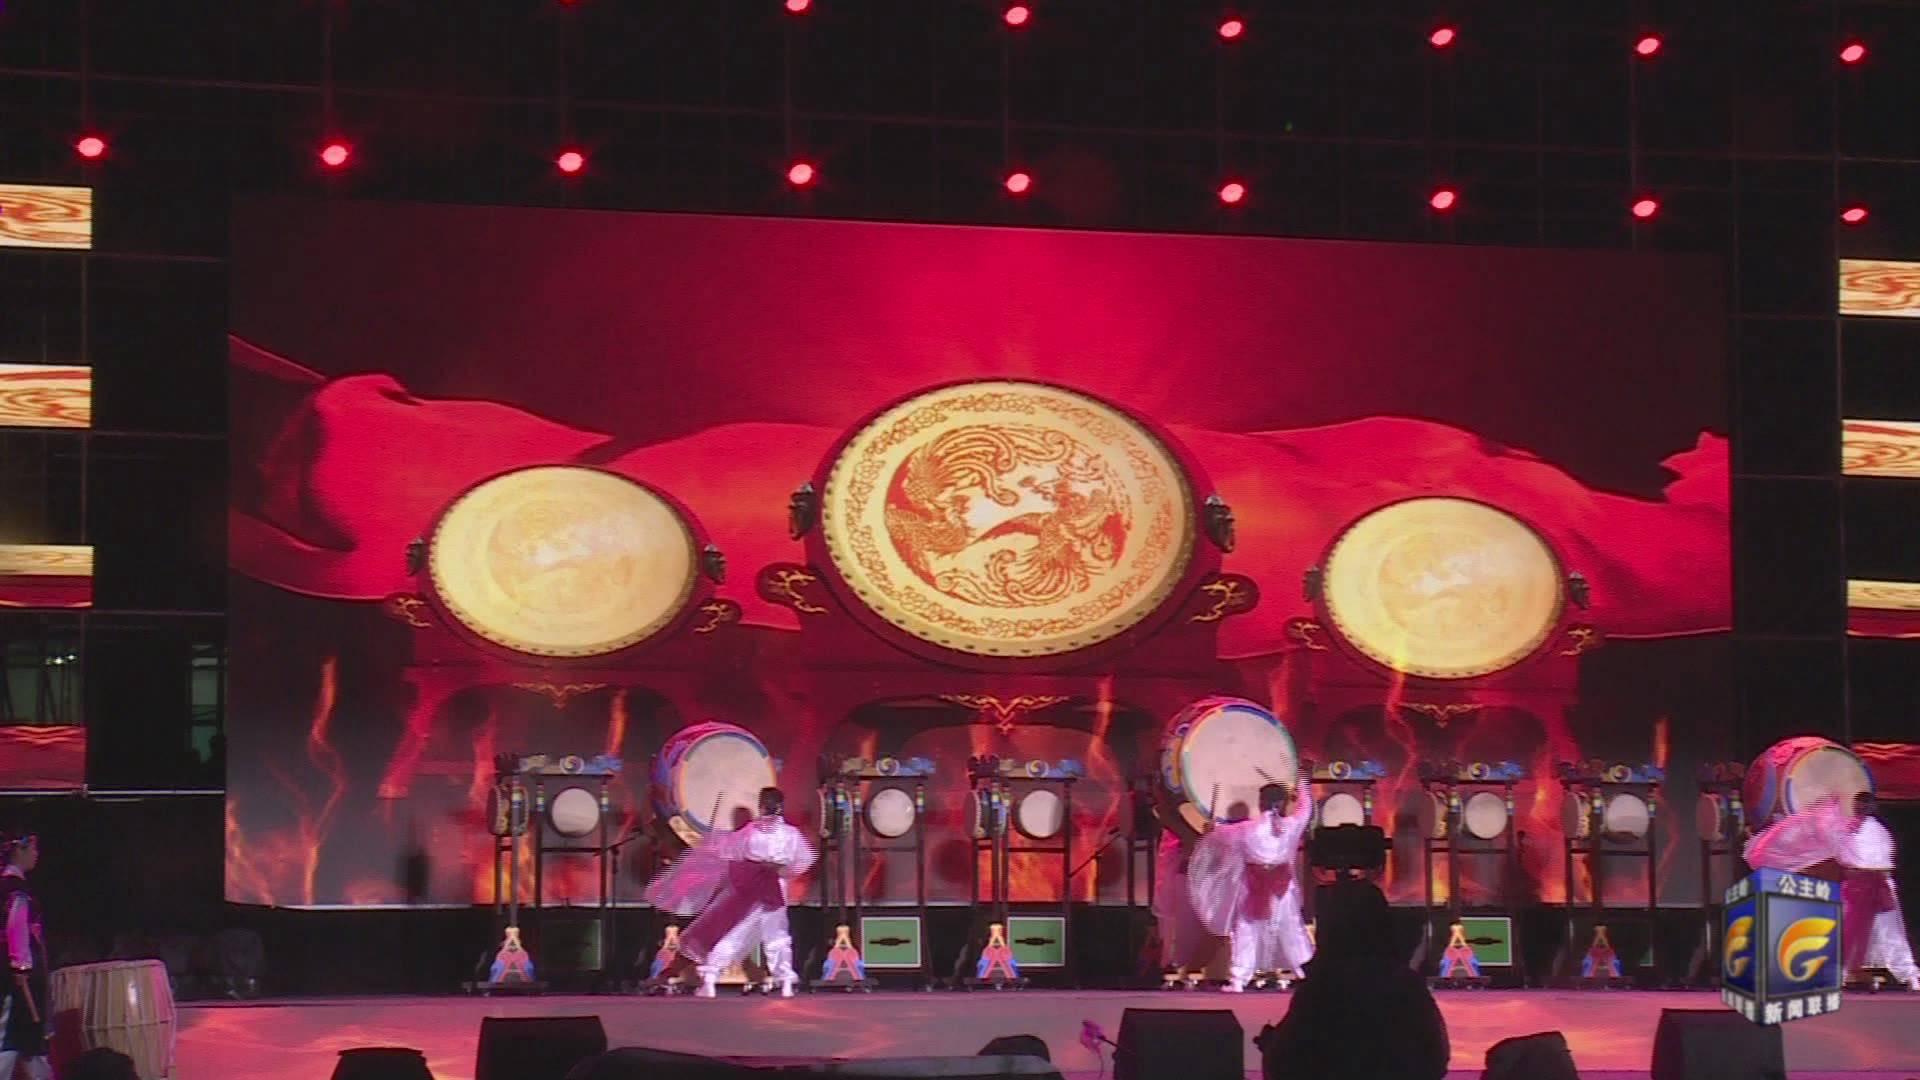 我和我的祖国 公主岭市庆祝新中国成立70周年音乐会——《放歌中国》走进公主岭